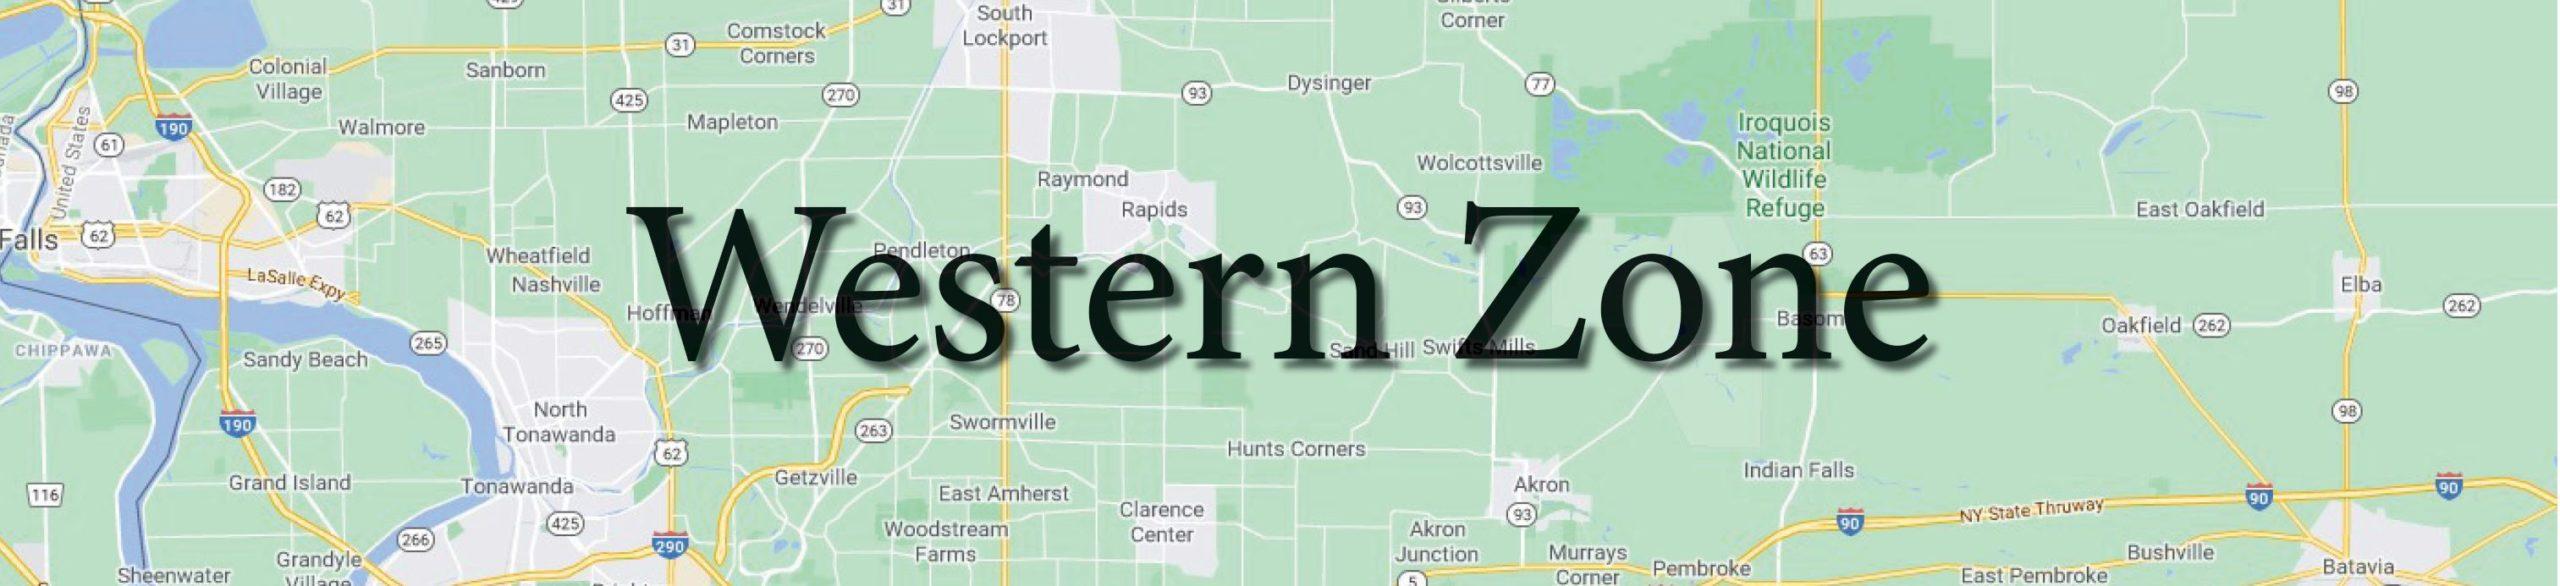 1920x440px Western Zone